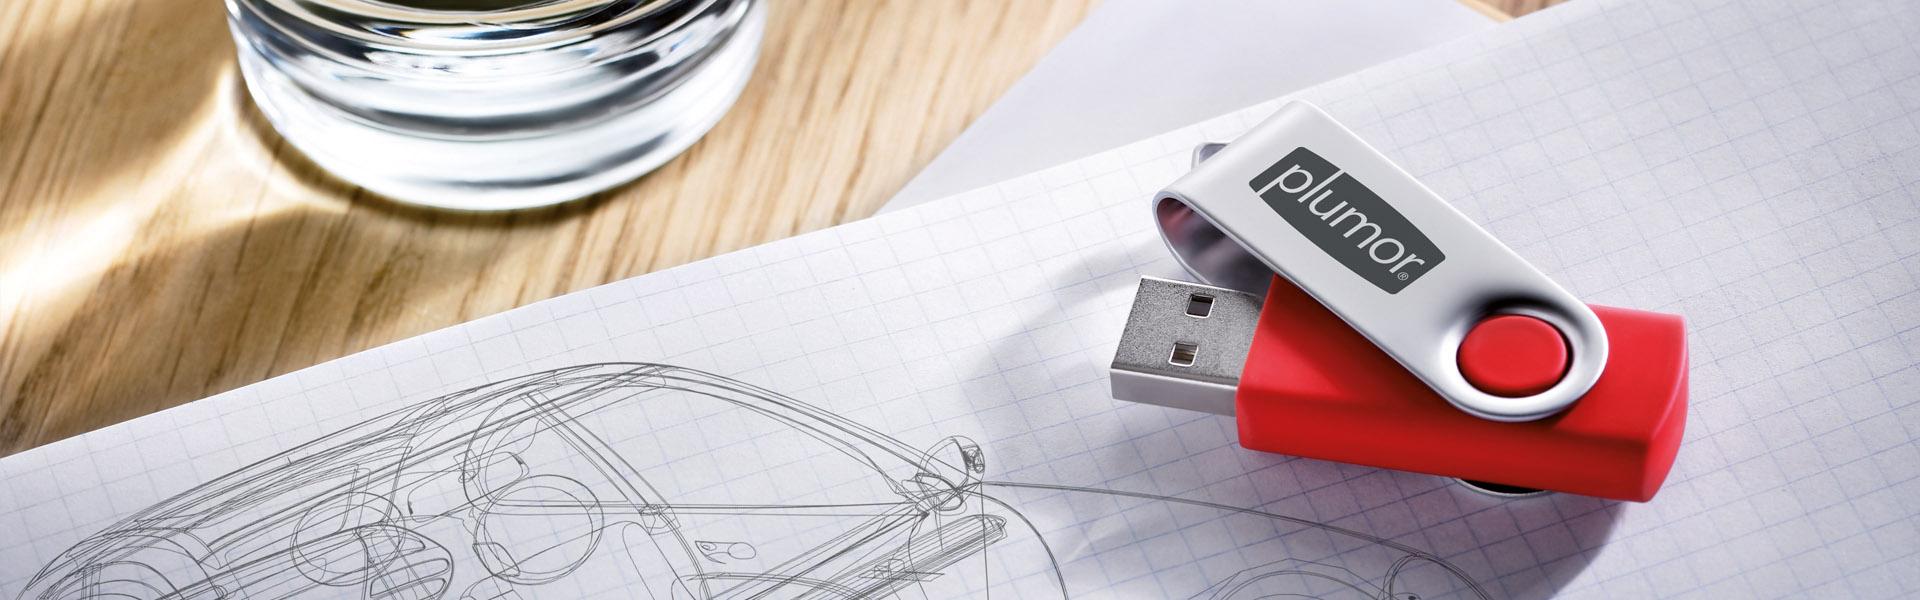 USB-Stick mit Logodruck als Werbeartikel